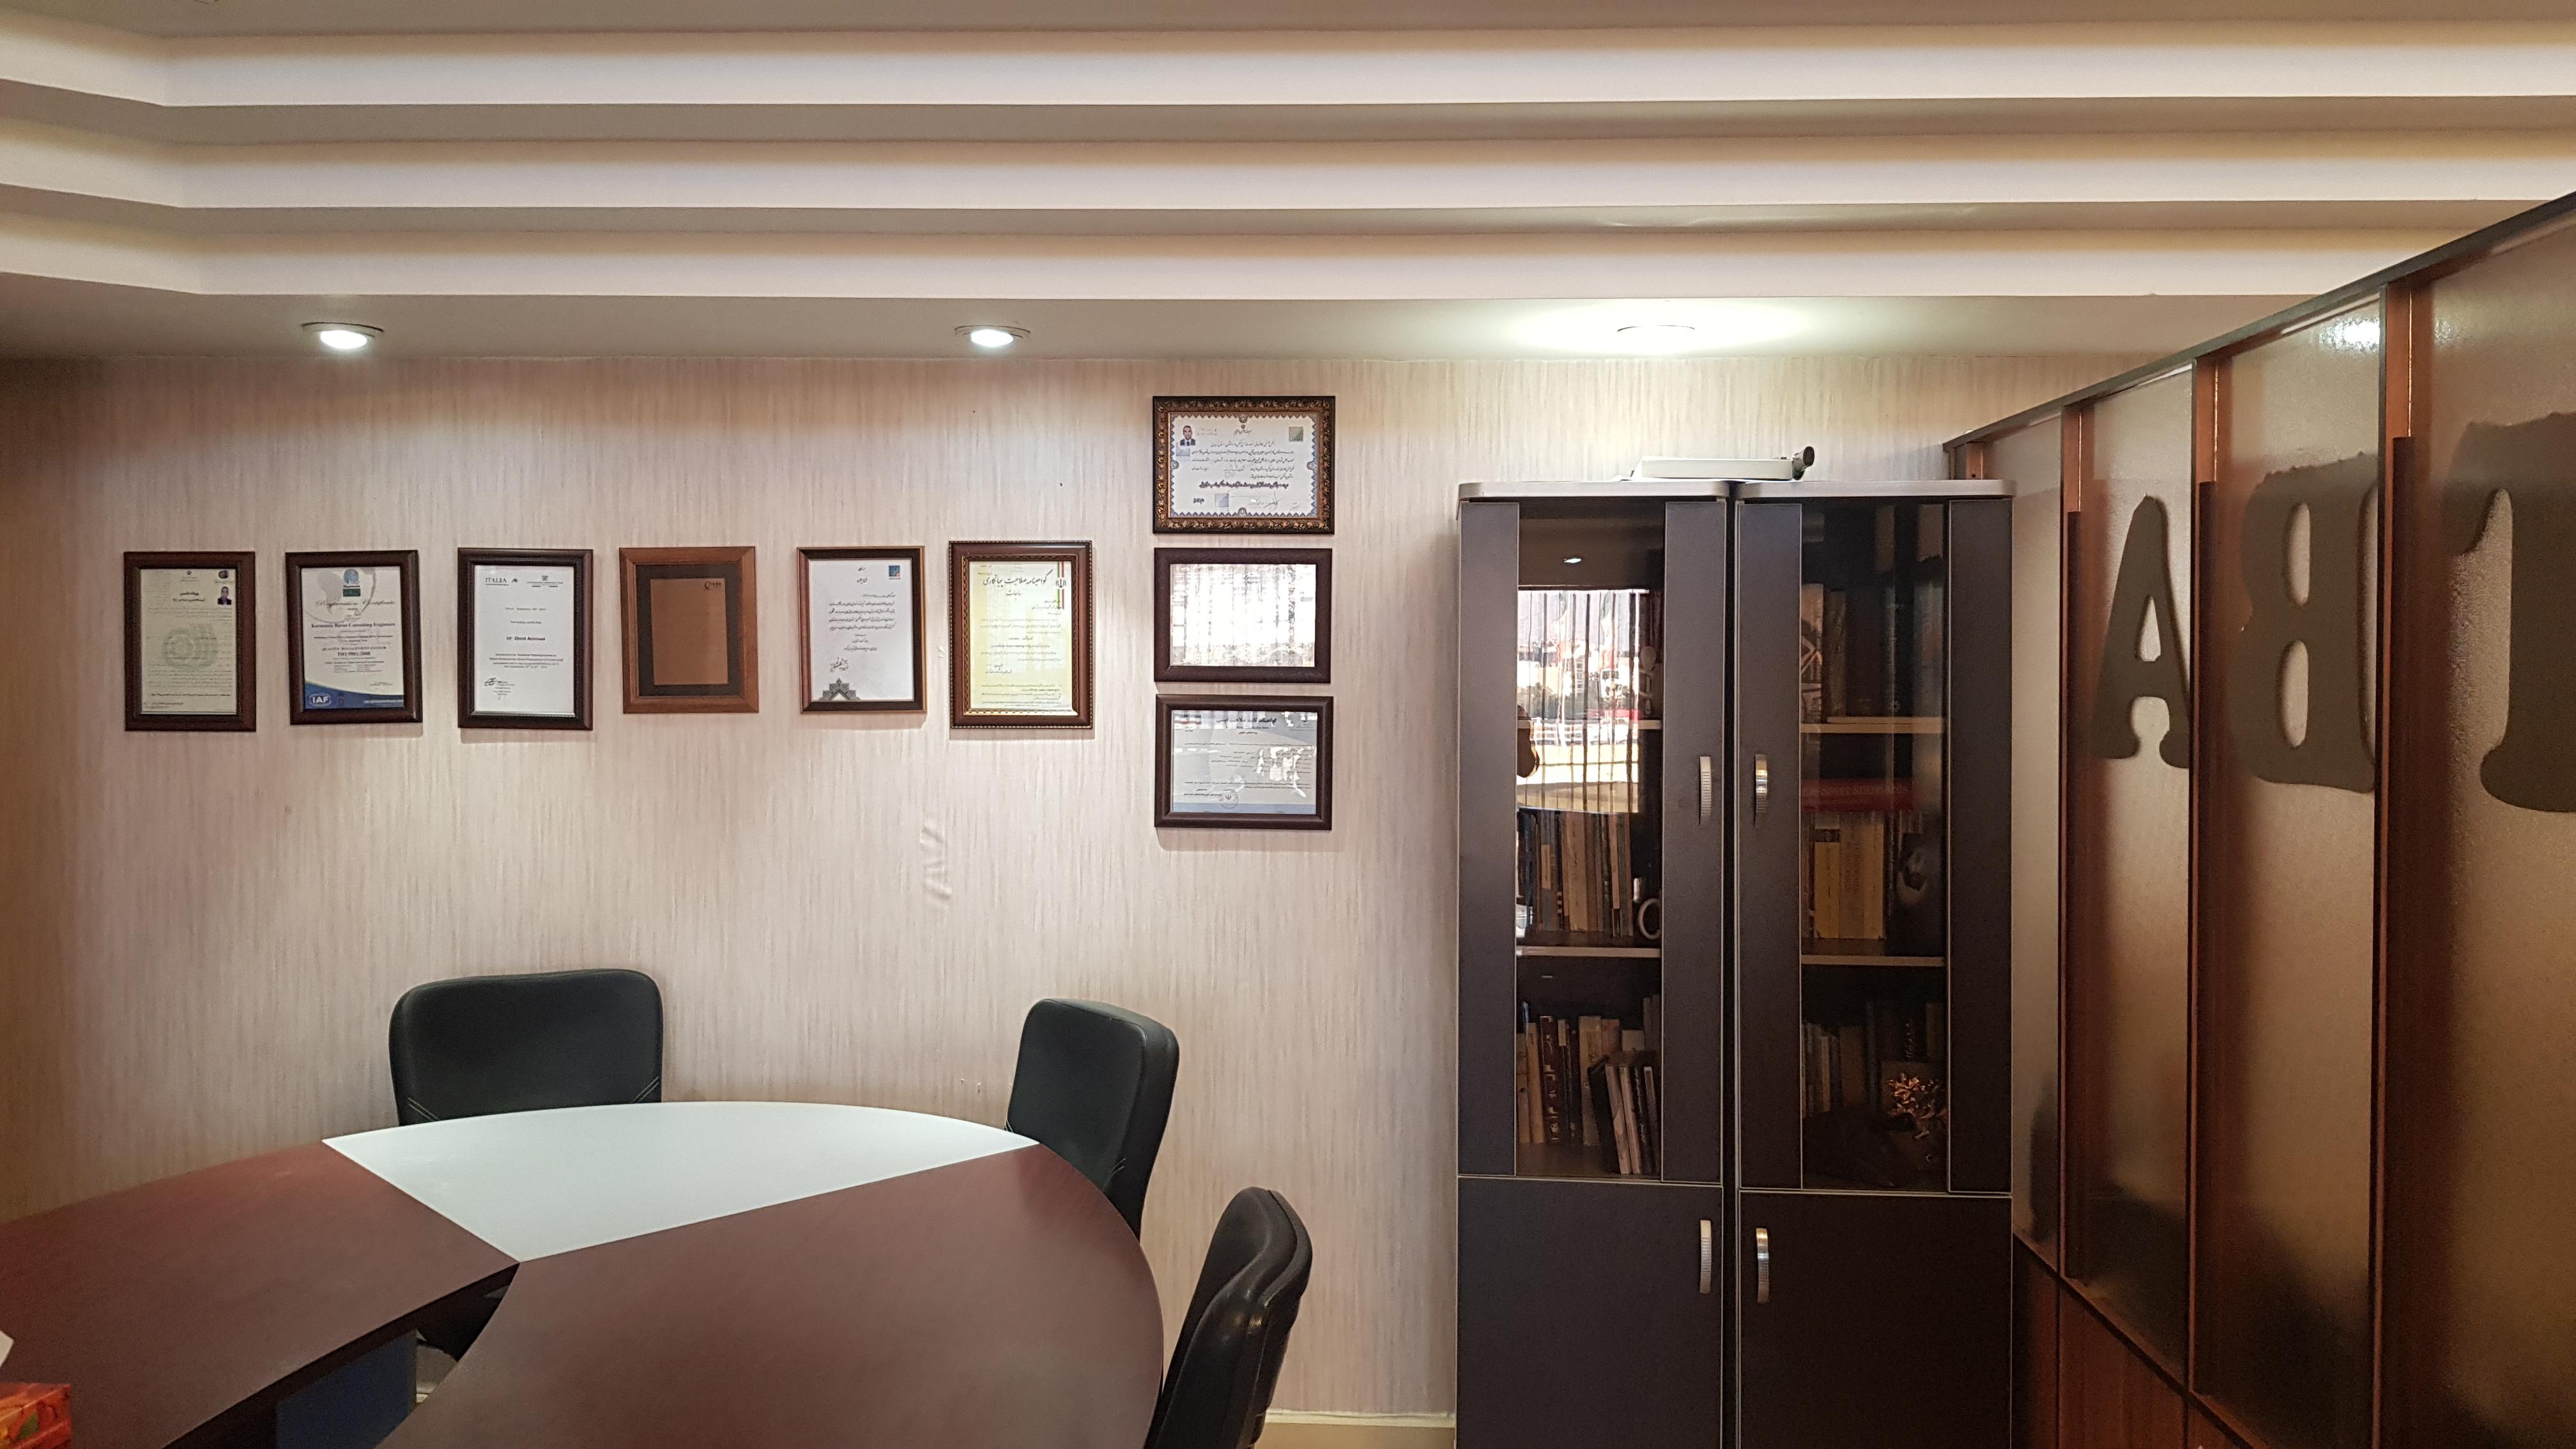 طراحی دکوراسیون اداری ( دفتر کار )  شرکت توسعه بهینه ابنیه -